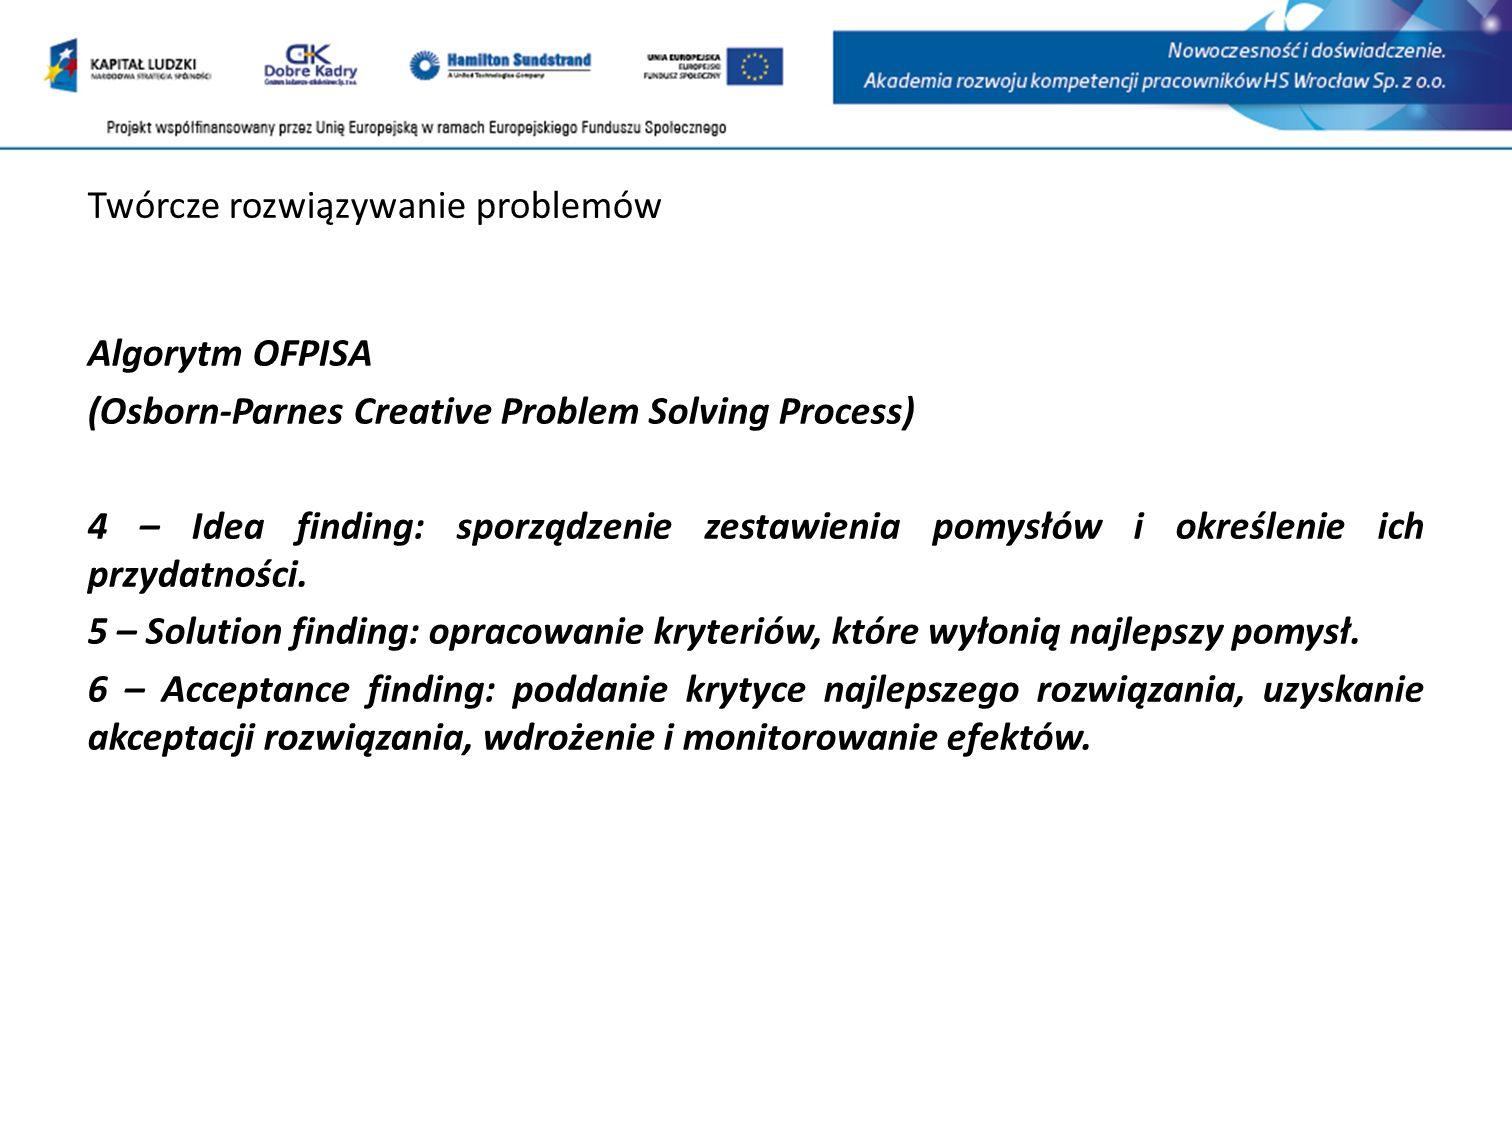 Twórcze rozwiązywanie problemów